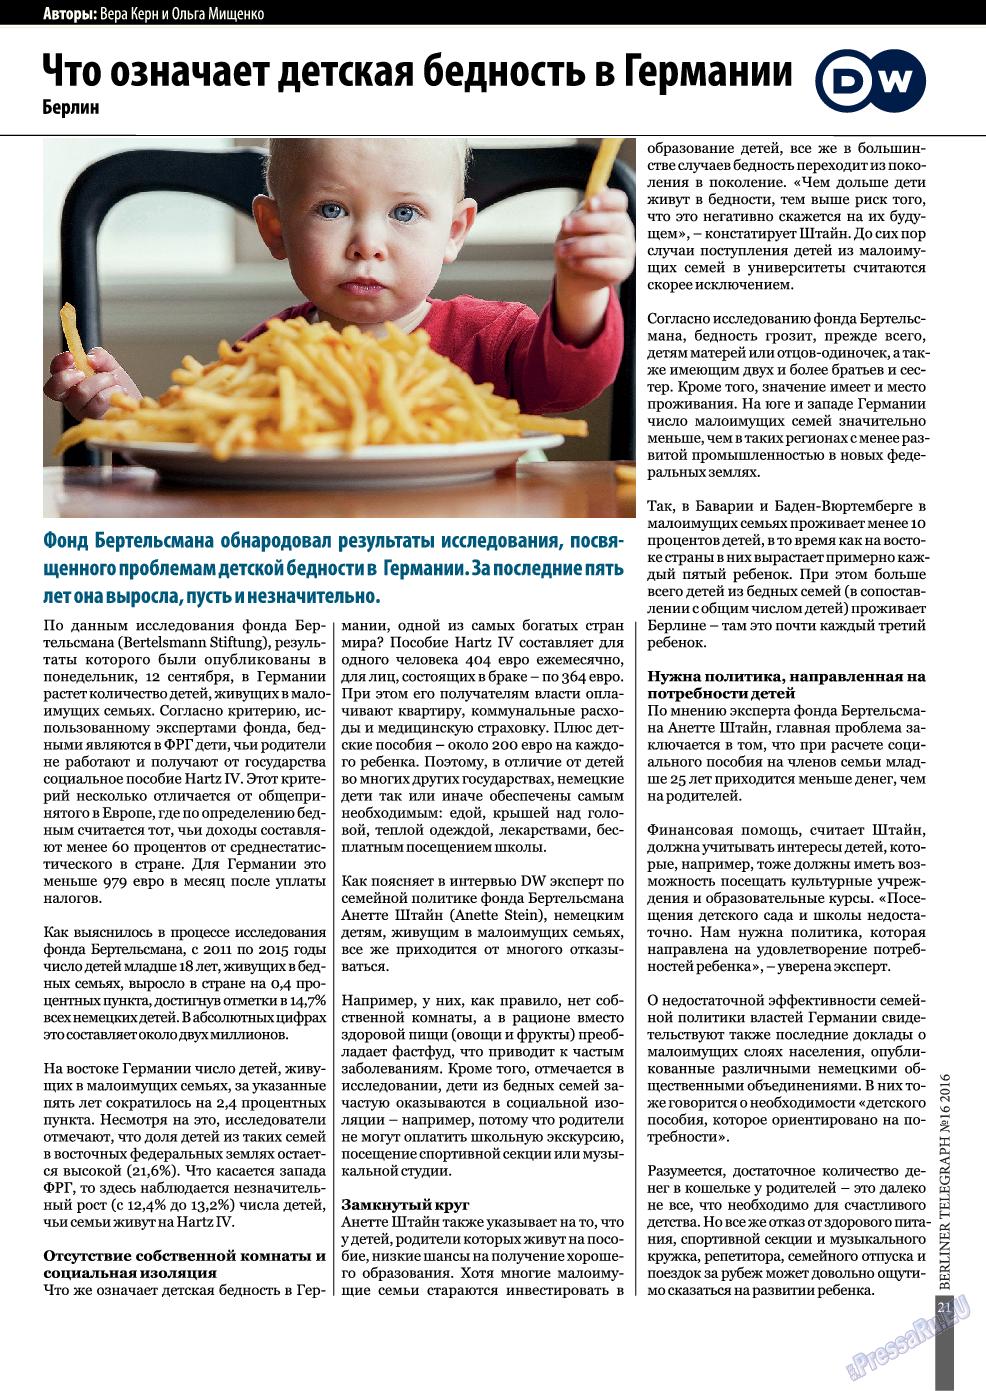 Берлинский телеграф (журнал). 2016 год, номер 16, стр. 21